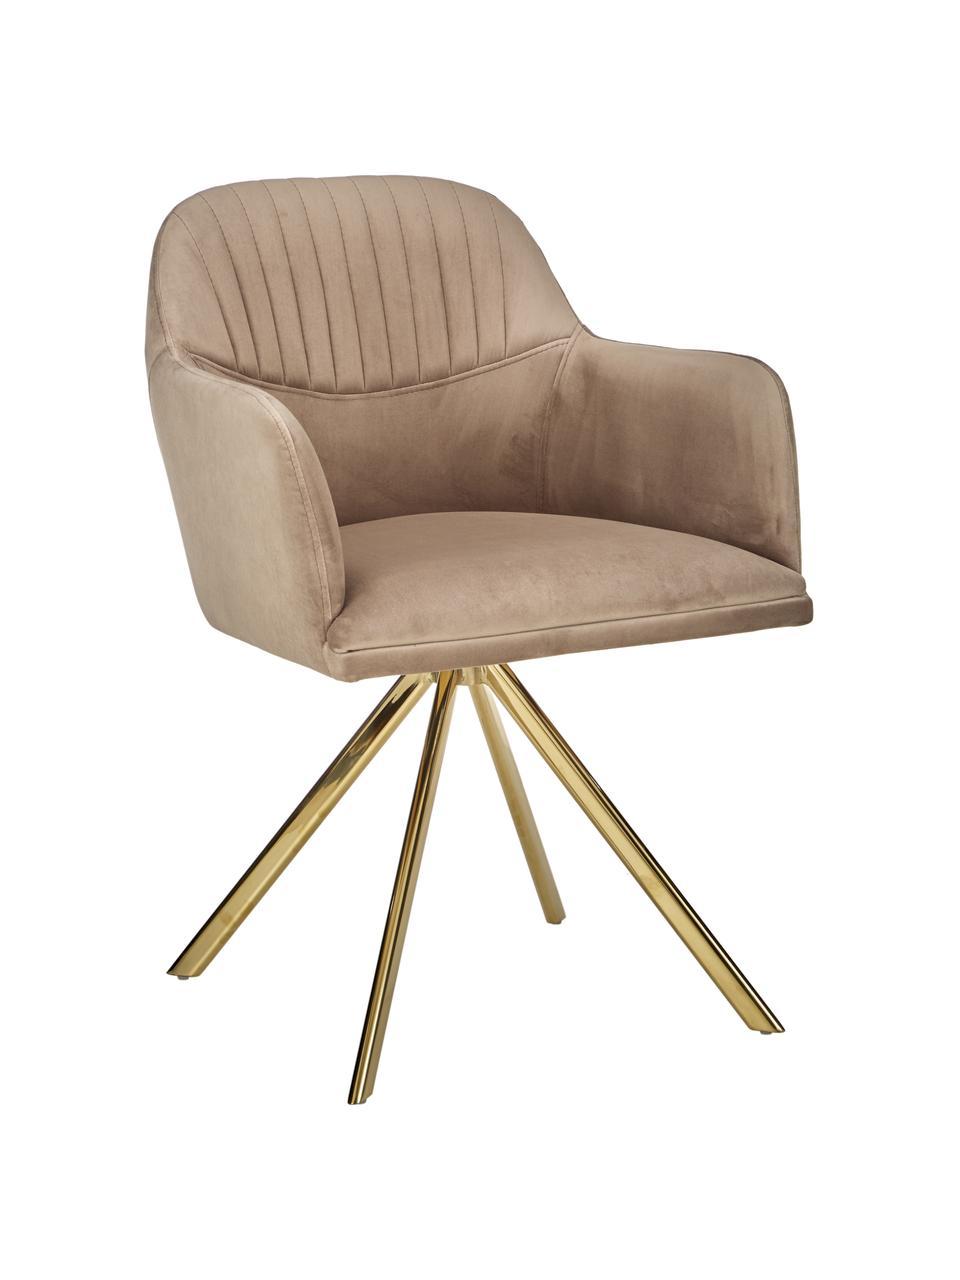 Chaise velours pivotante brun clair avec accoudoirs Lola, Velours brun clair Pieds: doré